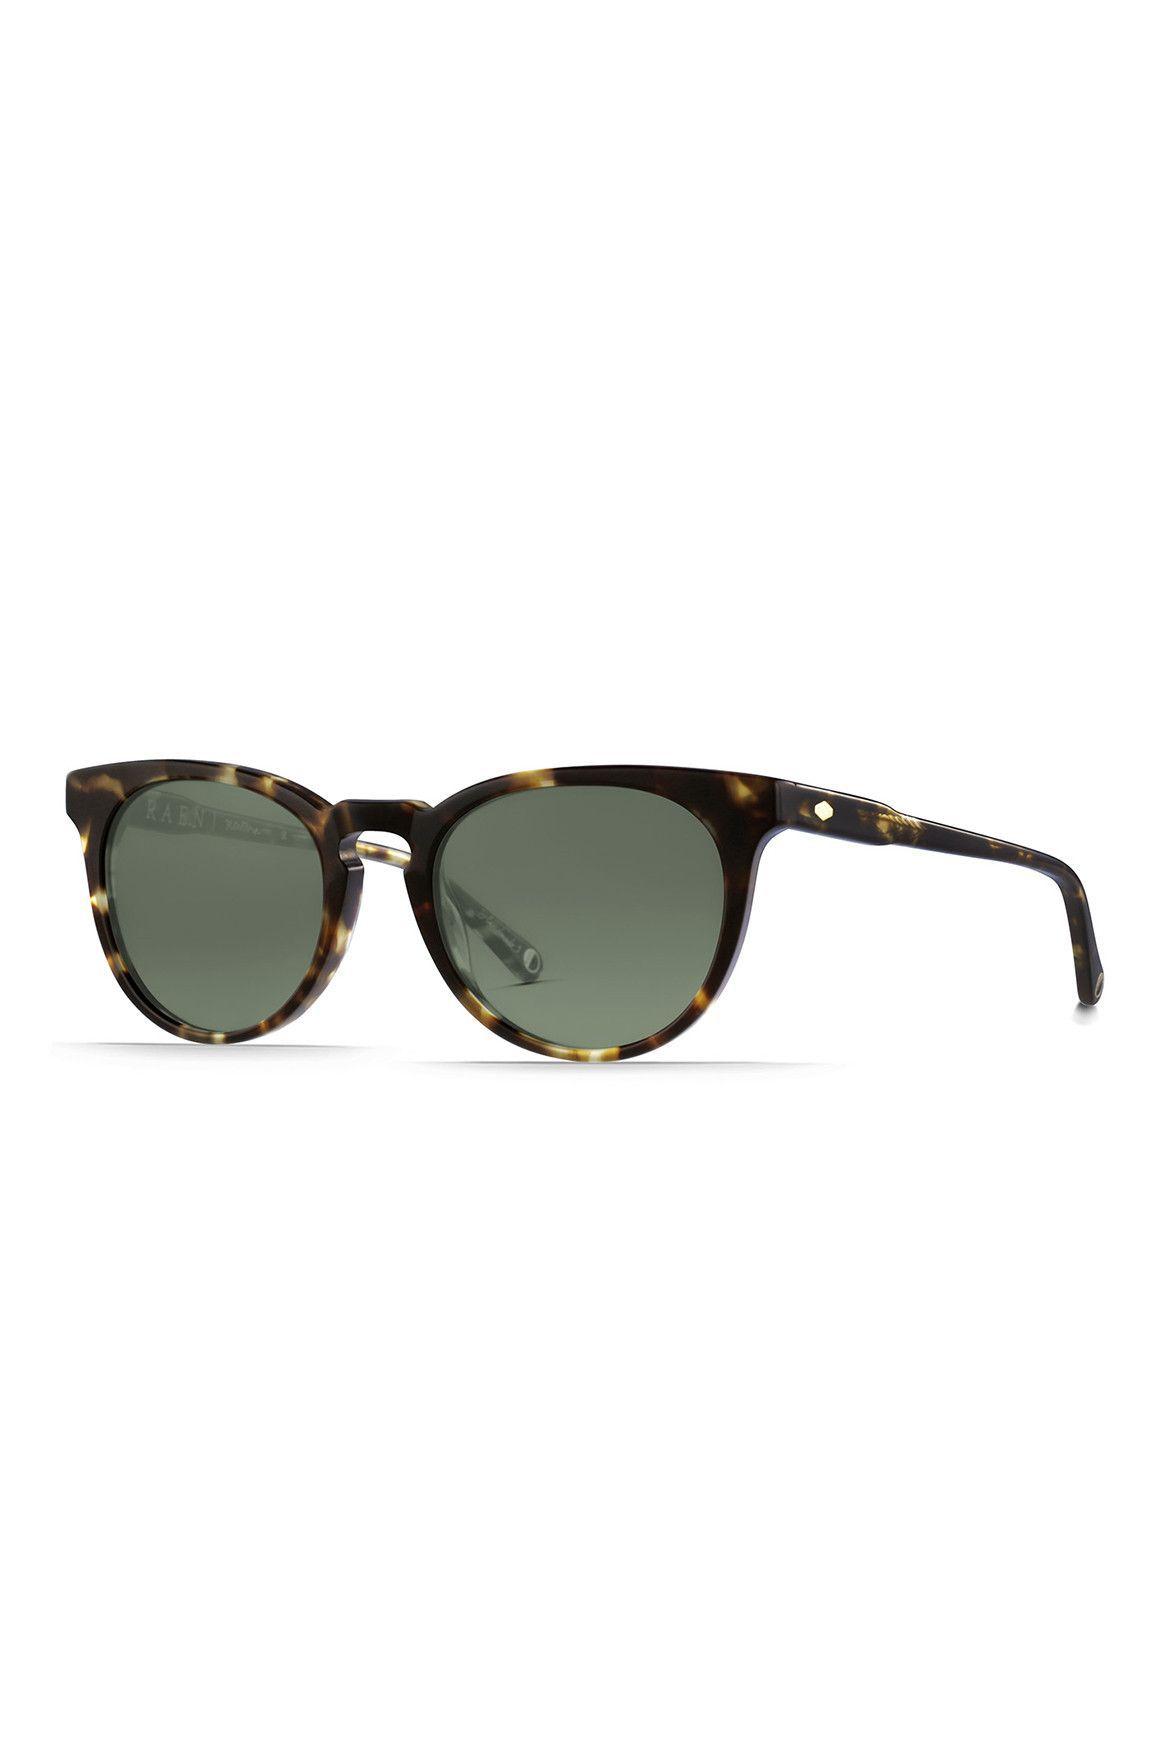 Montara Sunglasses - Brindle Tortoise